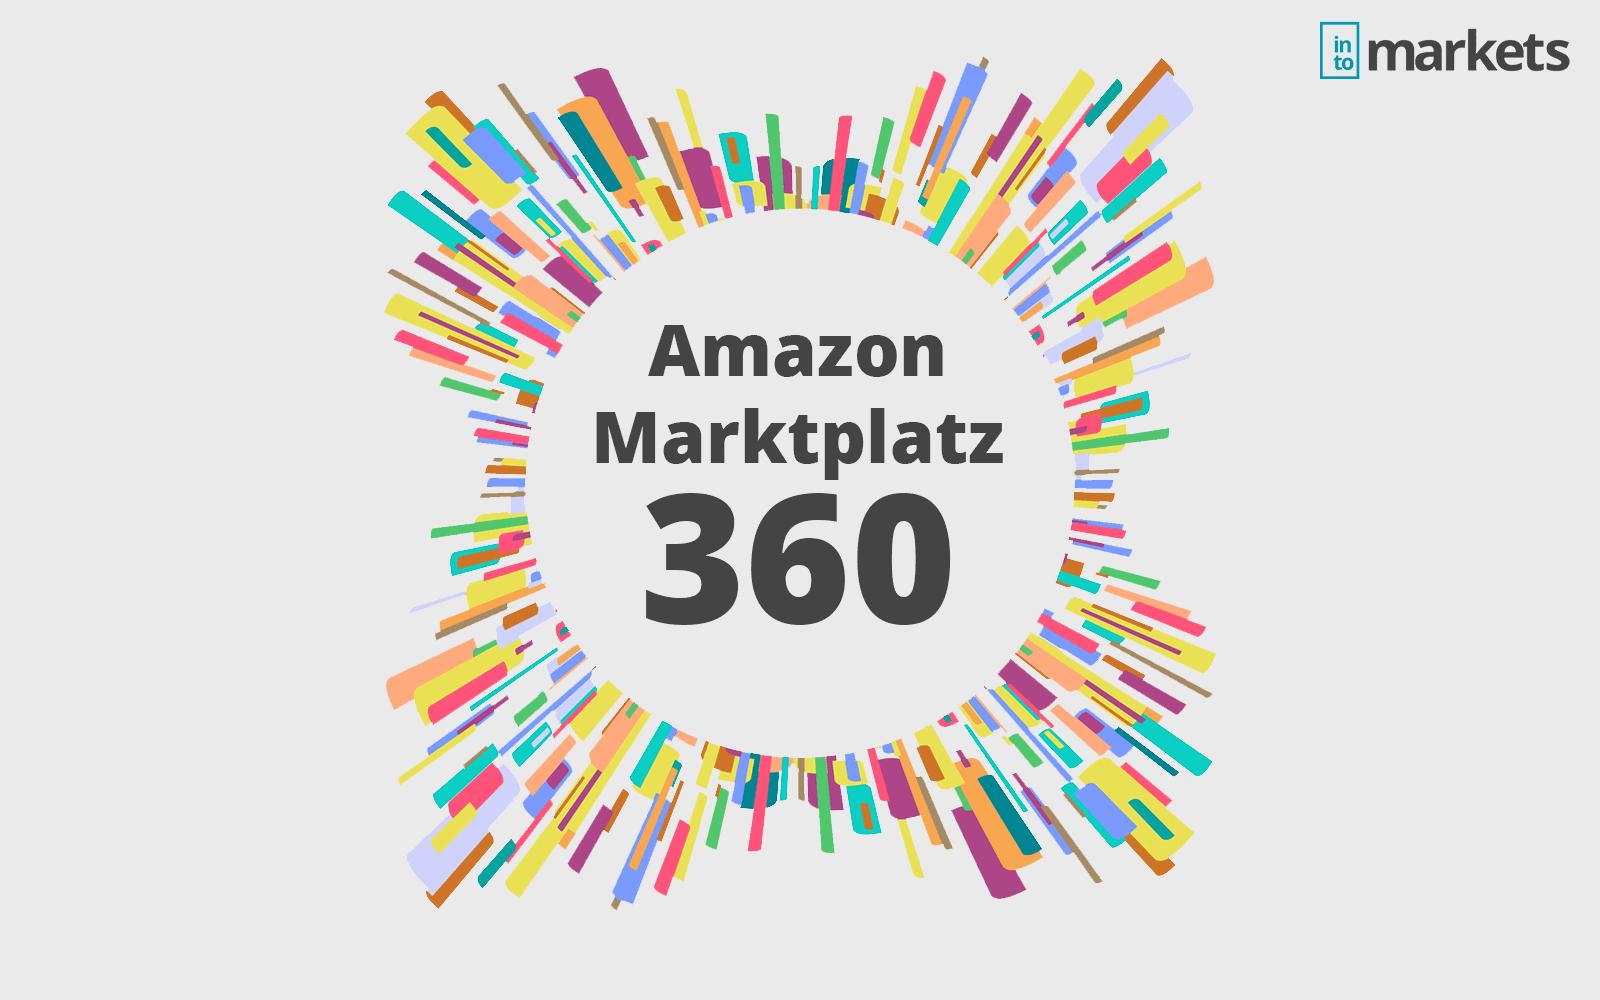 amazon-marktplatz-360-wiki-intomarkets